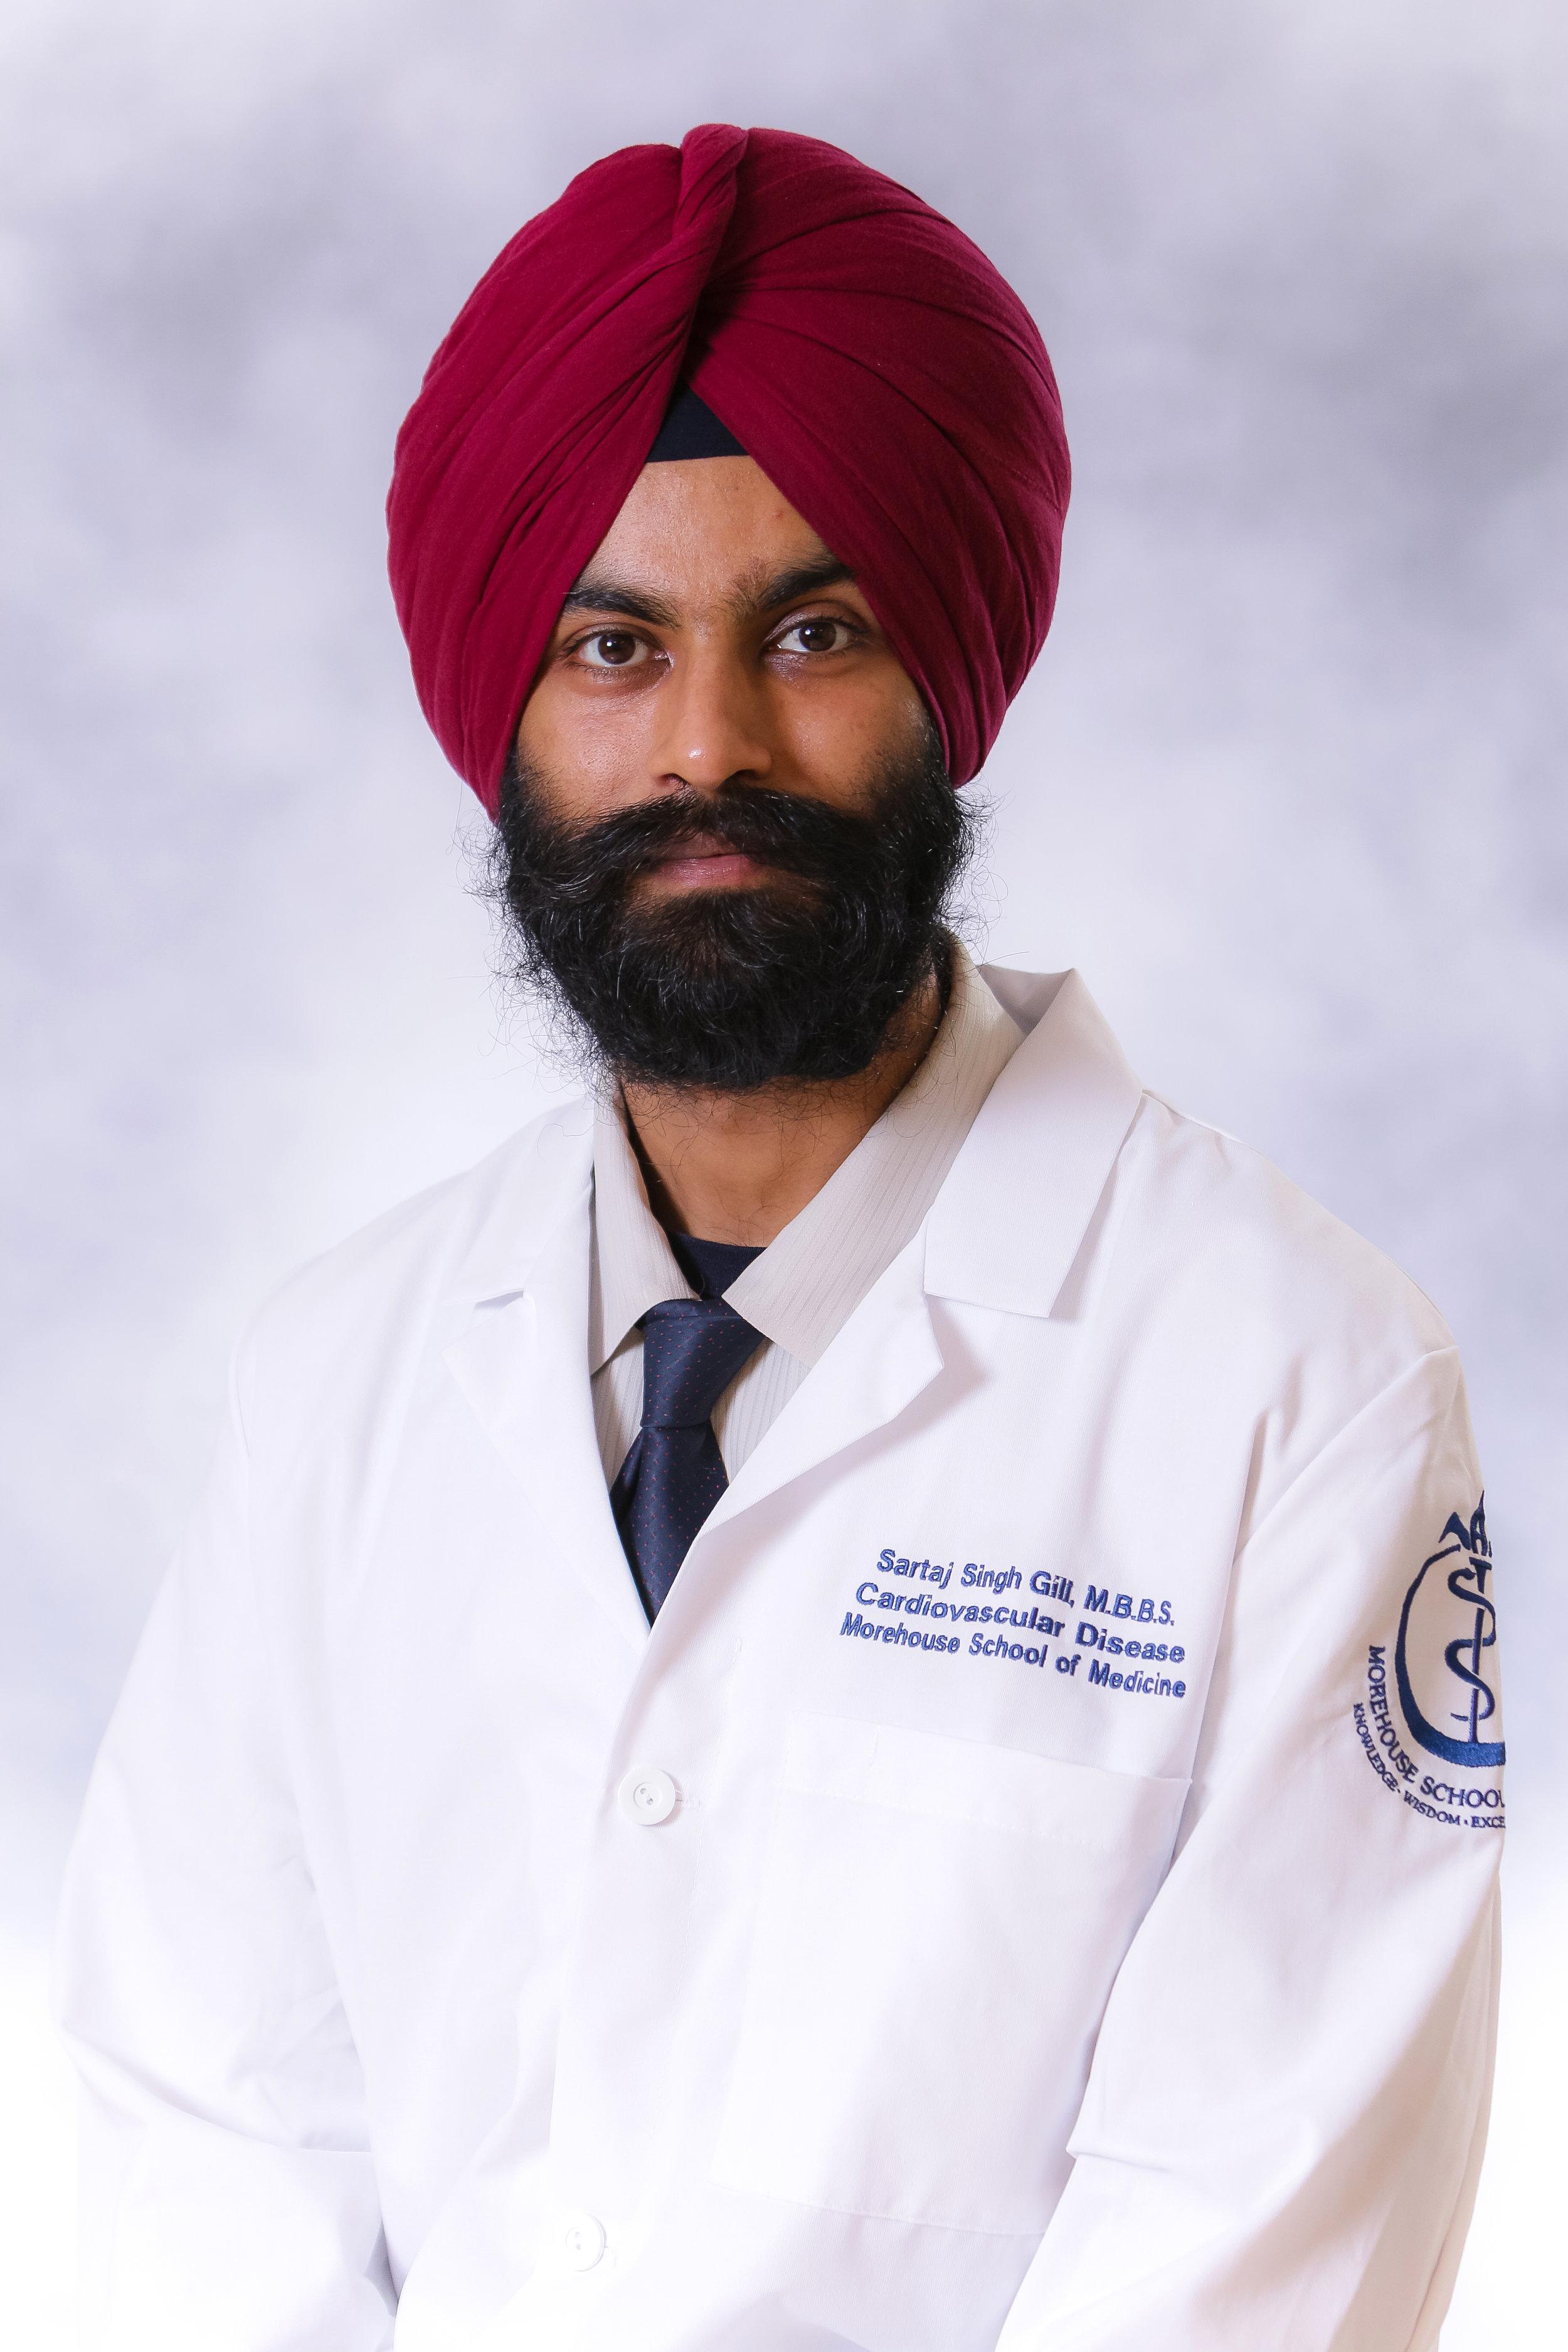 Sartaj Gill, MD